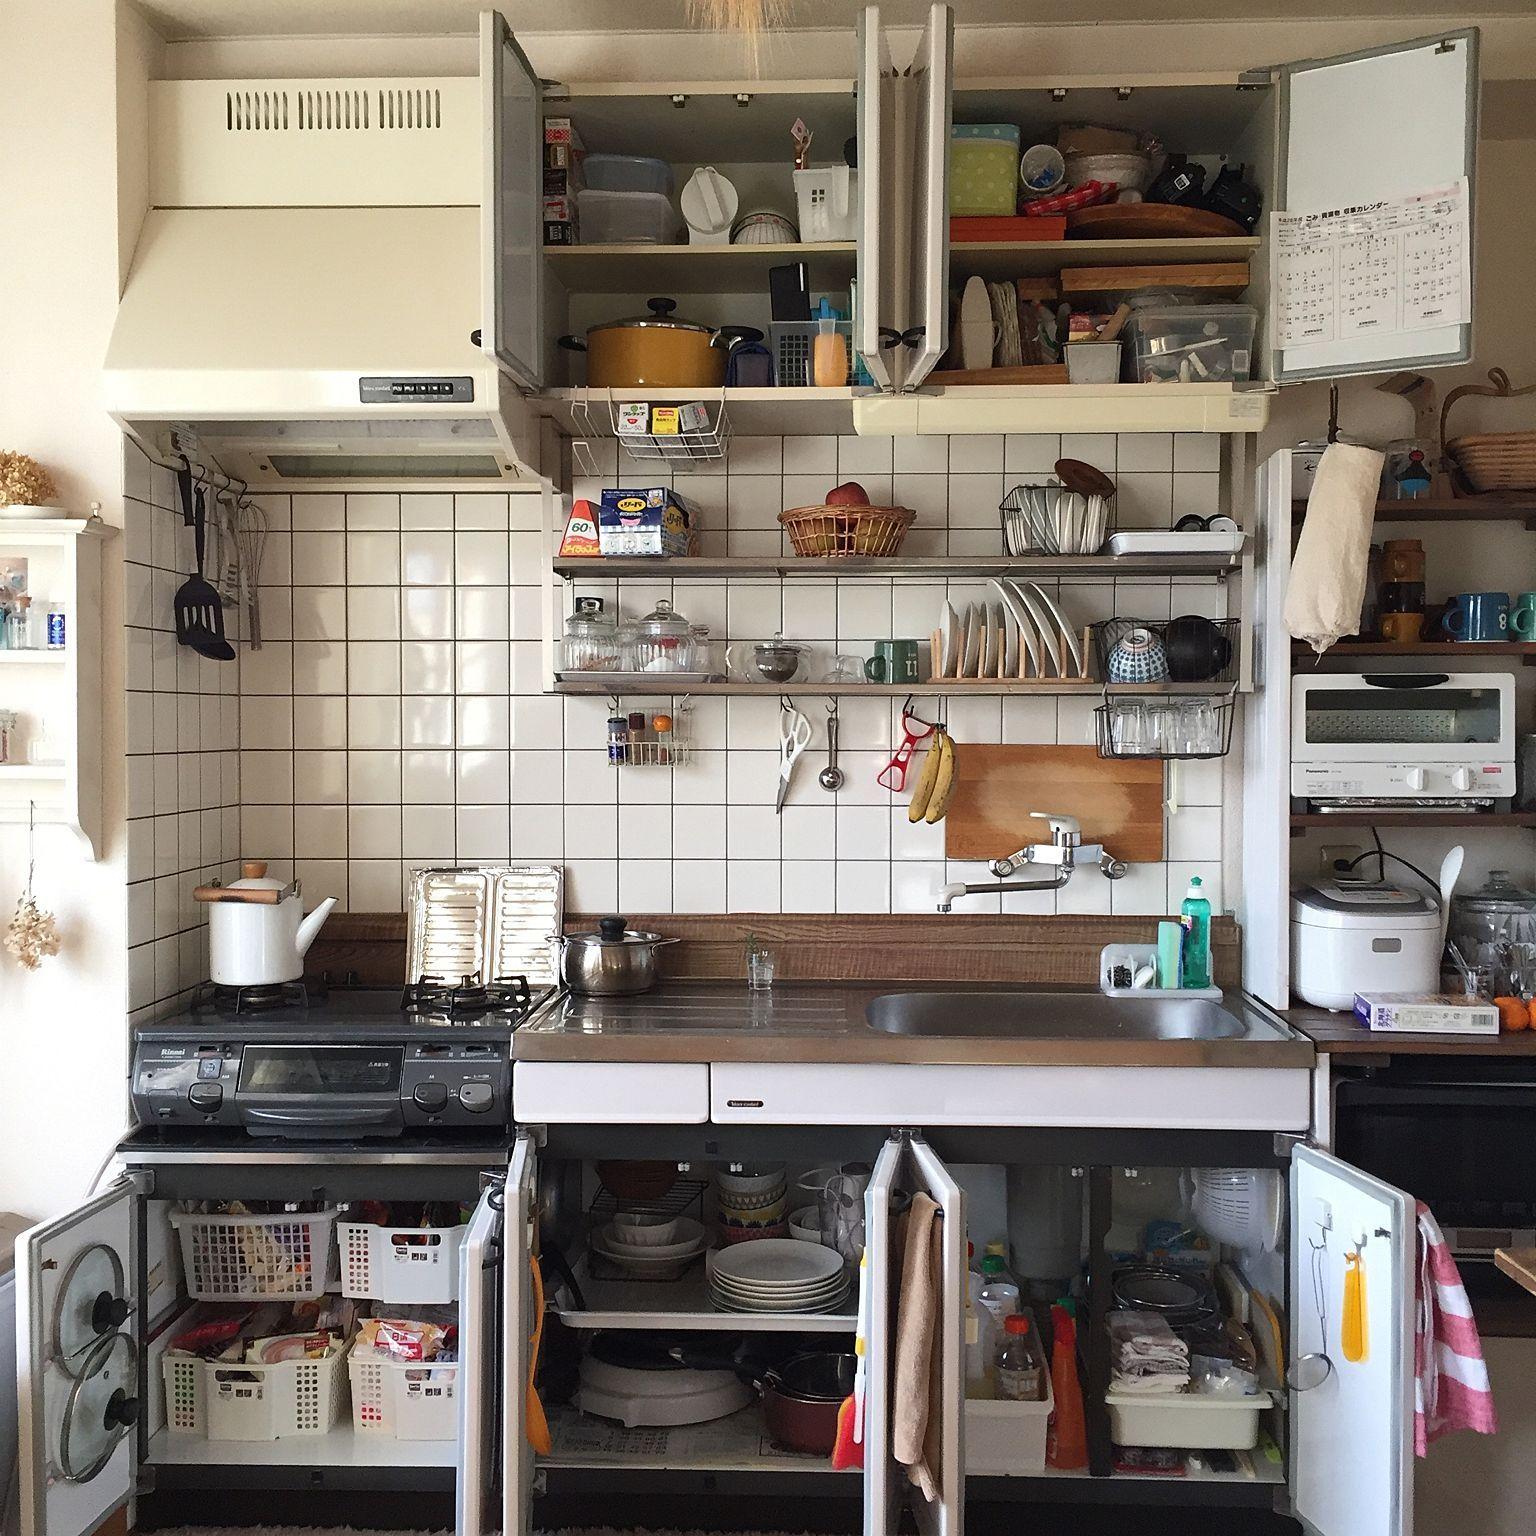 キッチン 断捨離 整理整頓 大掃除 吊り棚 などのインテリア実例